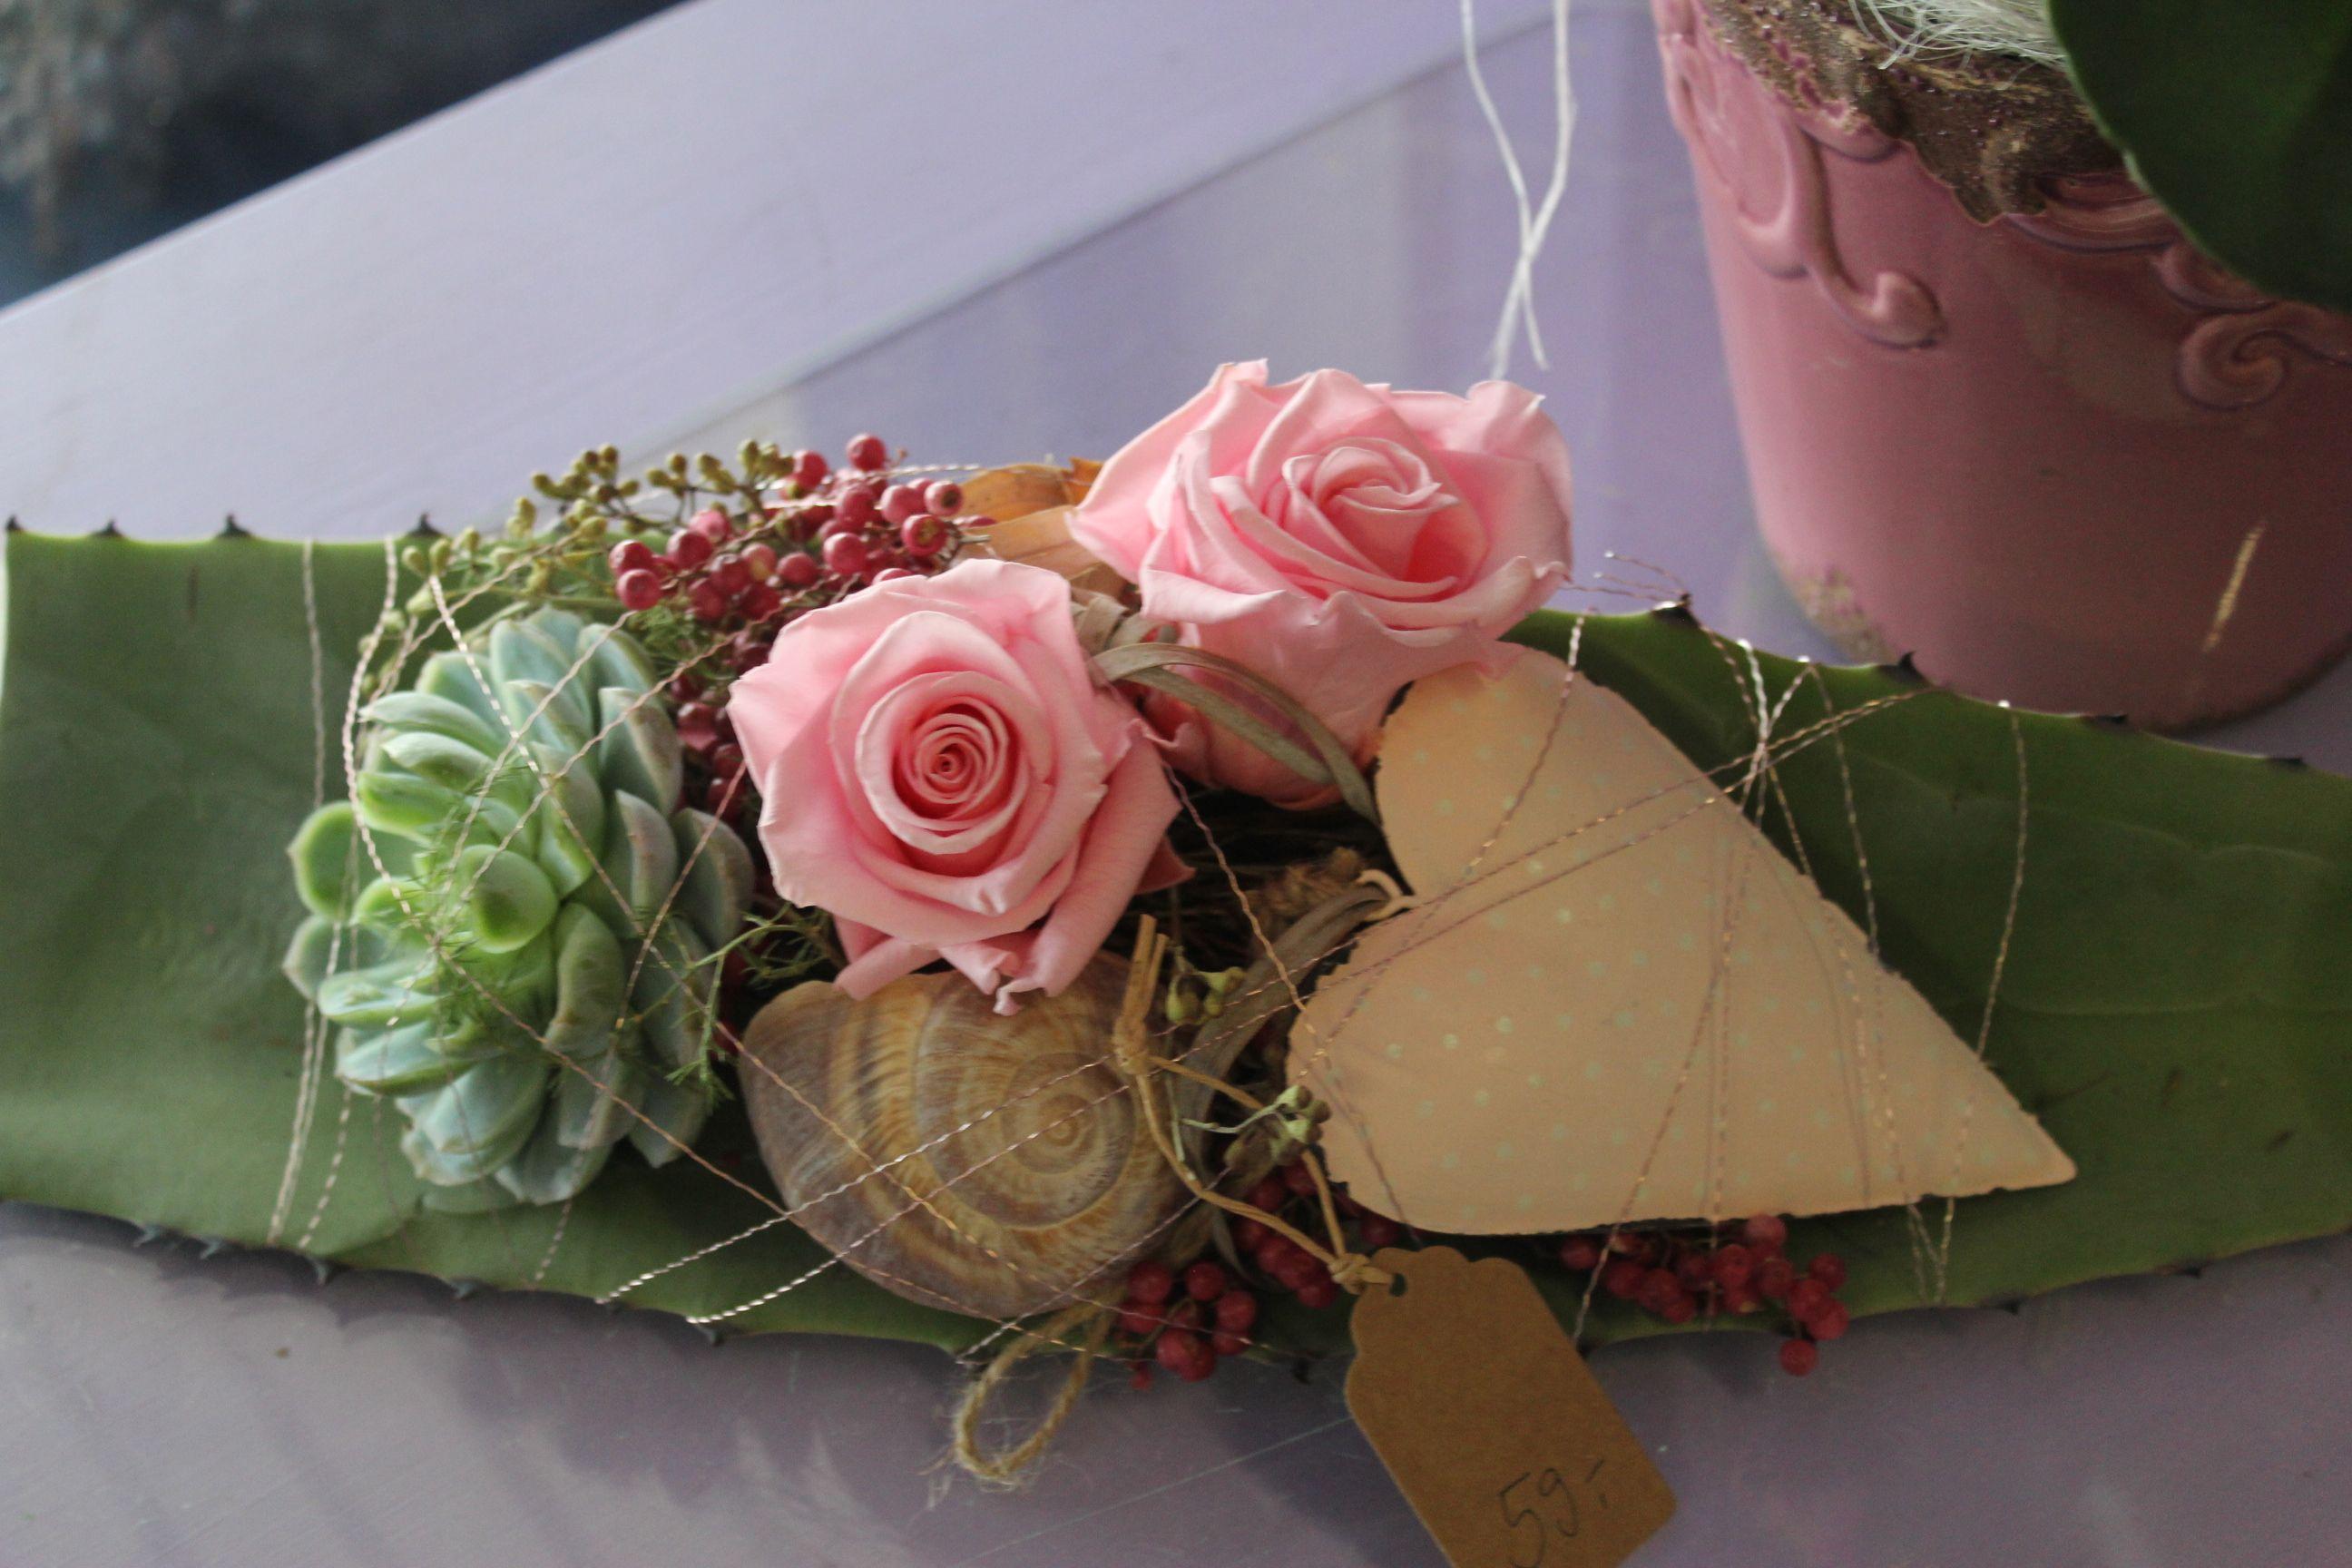 Langhaltbare Tischdekoration mit gefrieregtrockneten Rosen auf